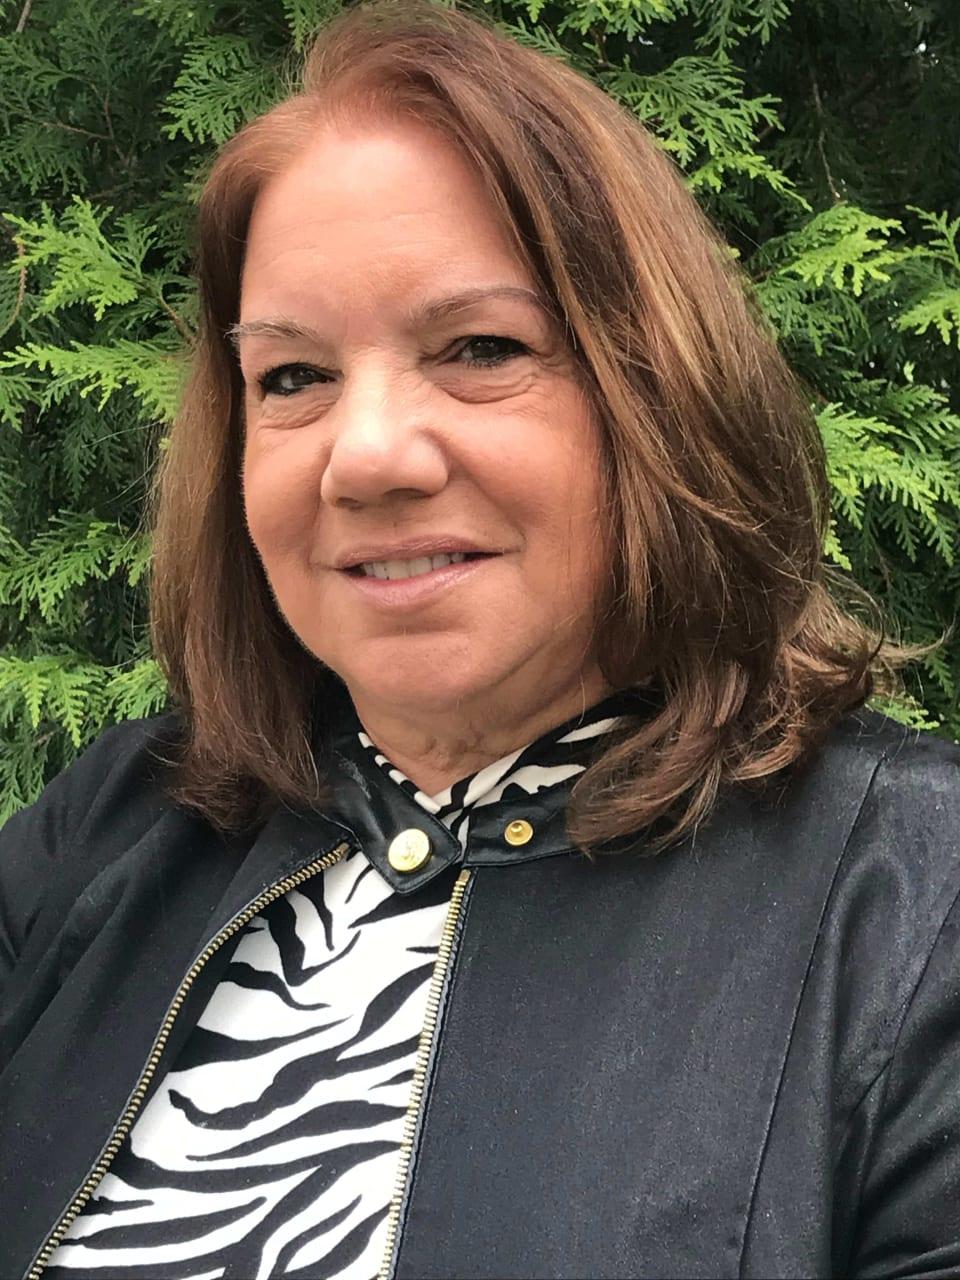 Cynthia Kaczmarski